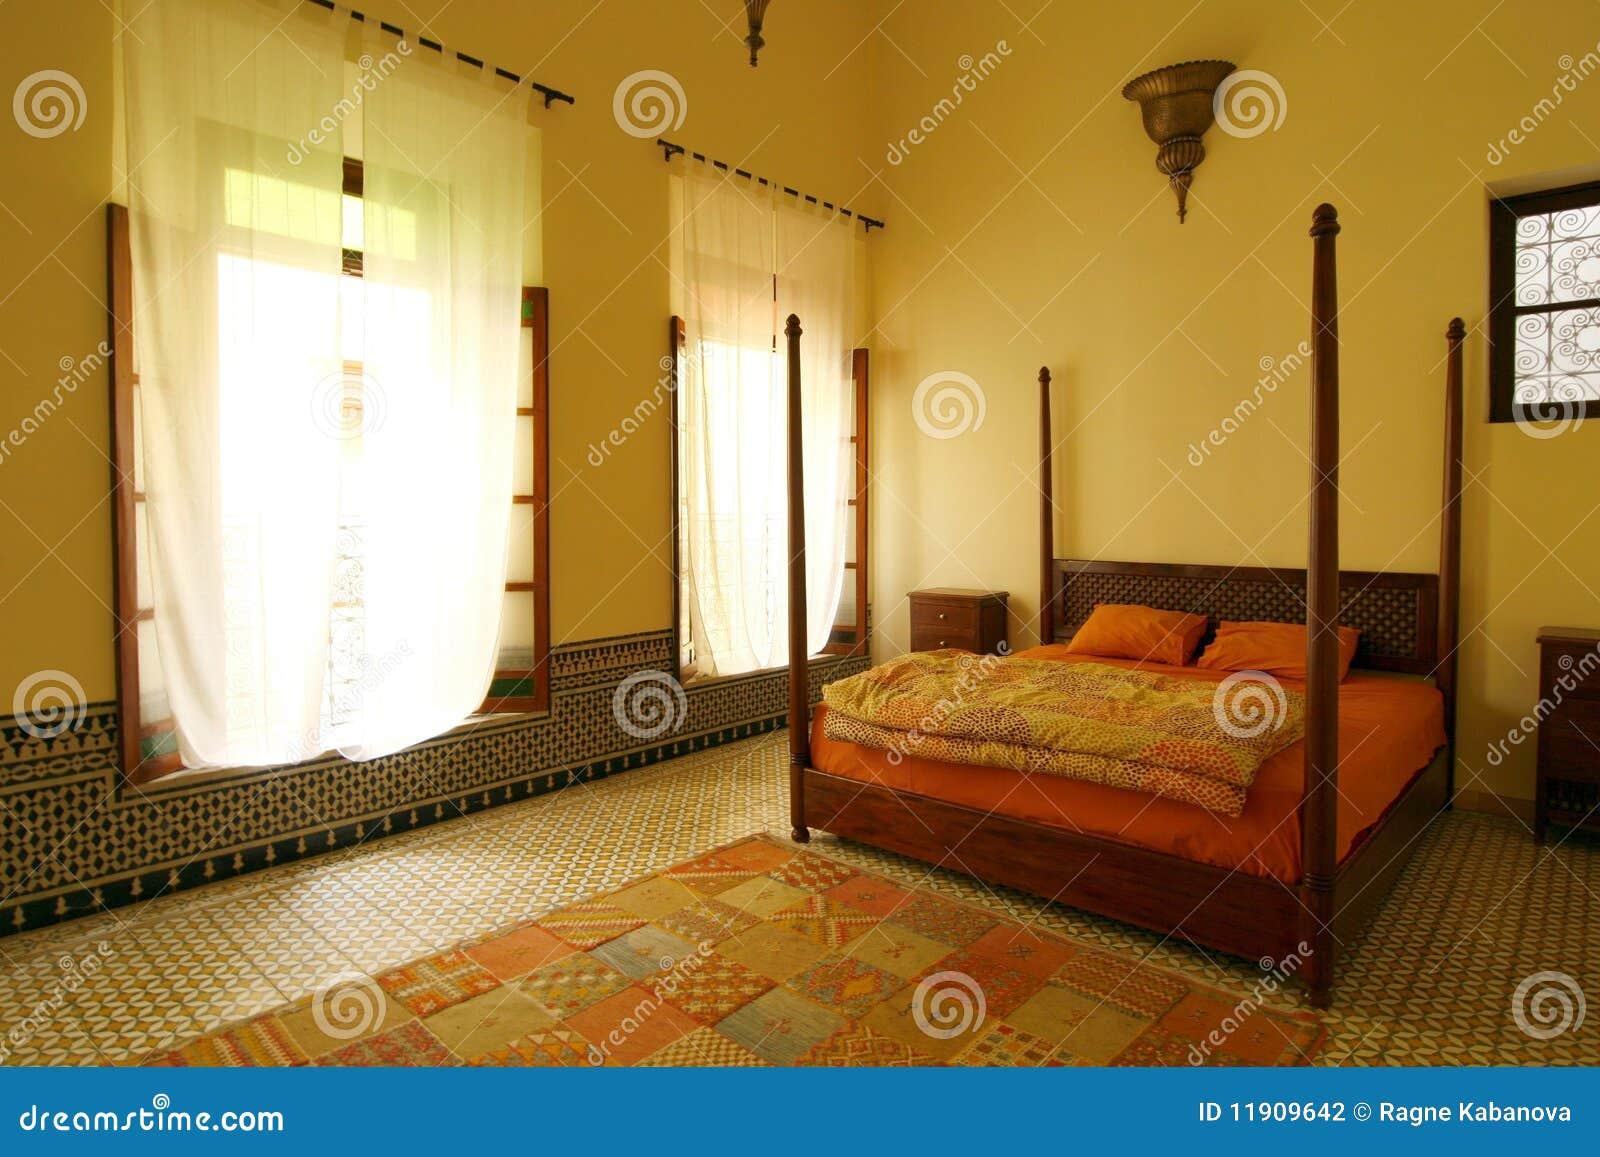 Arabisches Schlafzimmer Marokko Fotos Kostenlose Und Royalty Free Stock Fotos Von Dreamstime